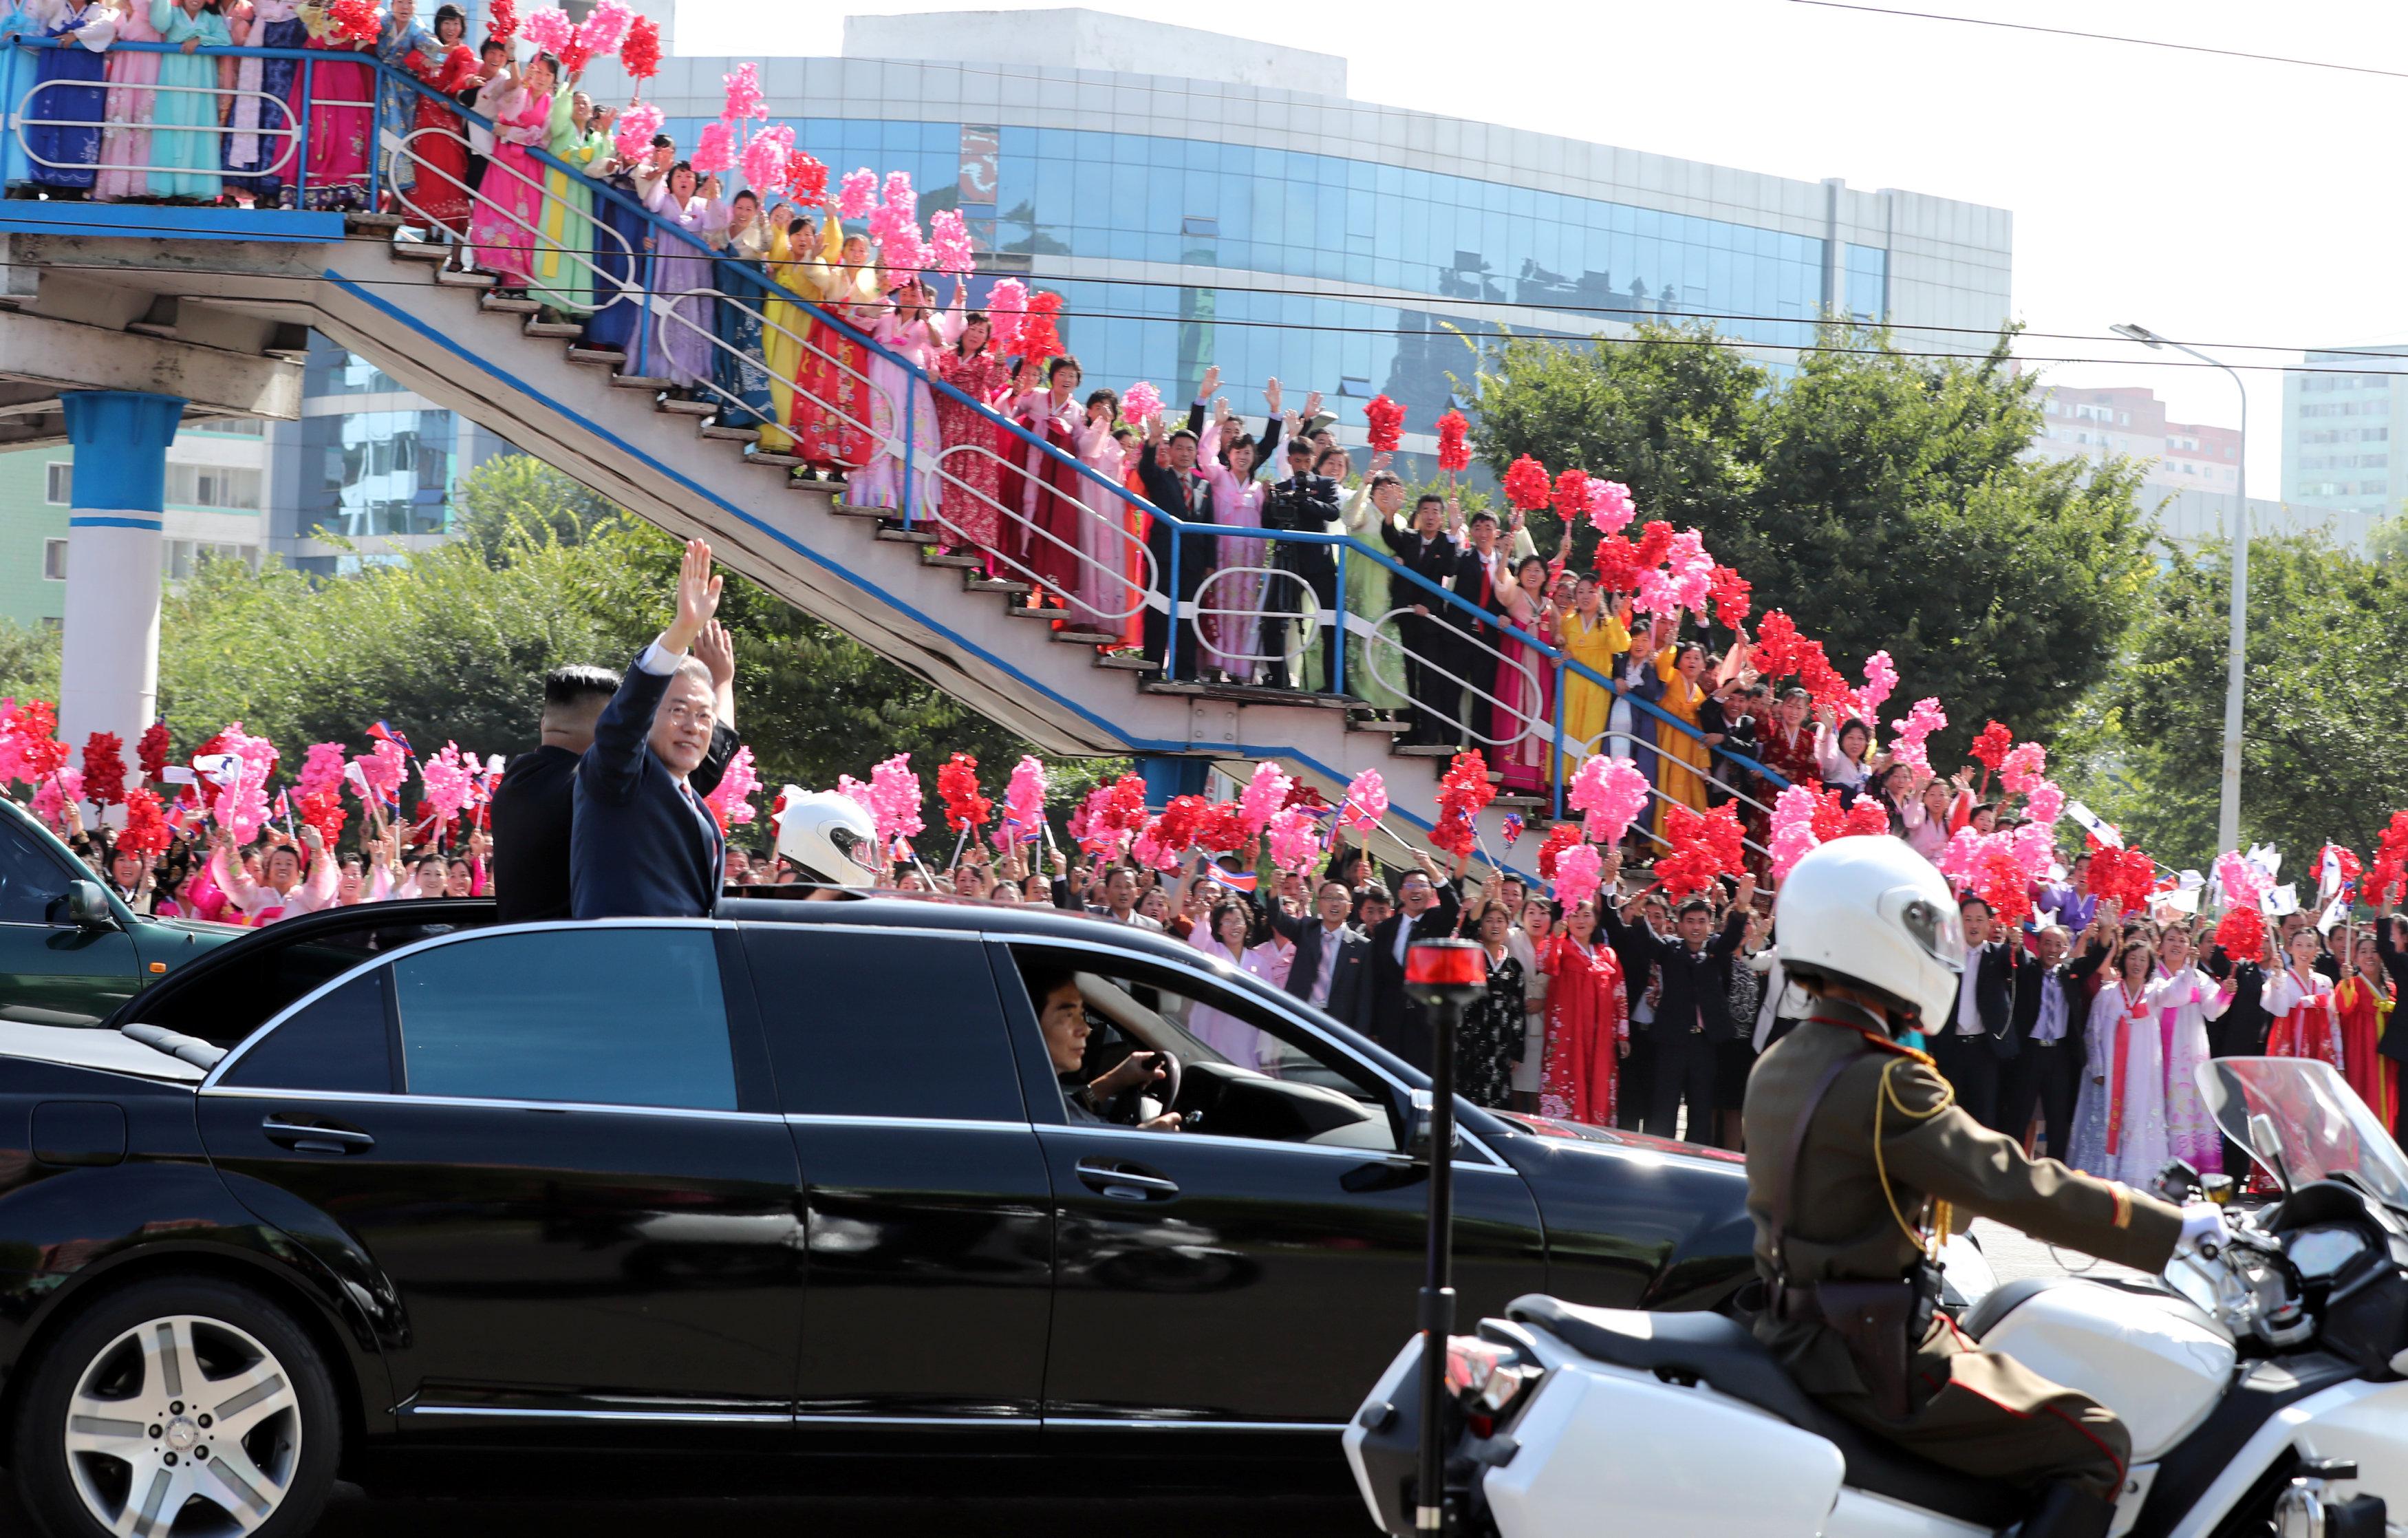 Moon se mostró durante toda la jornada sonriente y cómodo, también cuando Kim lo paseó por varios de los puntos emblemáticos de Pyongyang, como la avenida Ryomyong o el Palacio del Sol de Kumsusan, mientras una ordenada multitud de ciudadanos los vitoreaba al paso